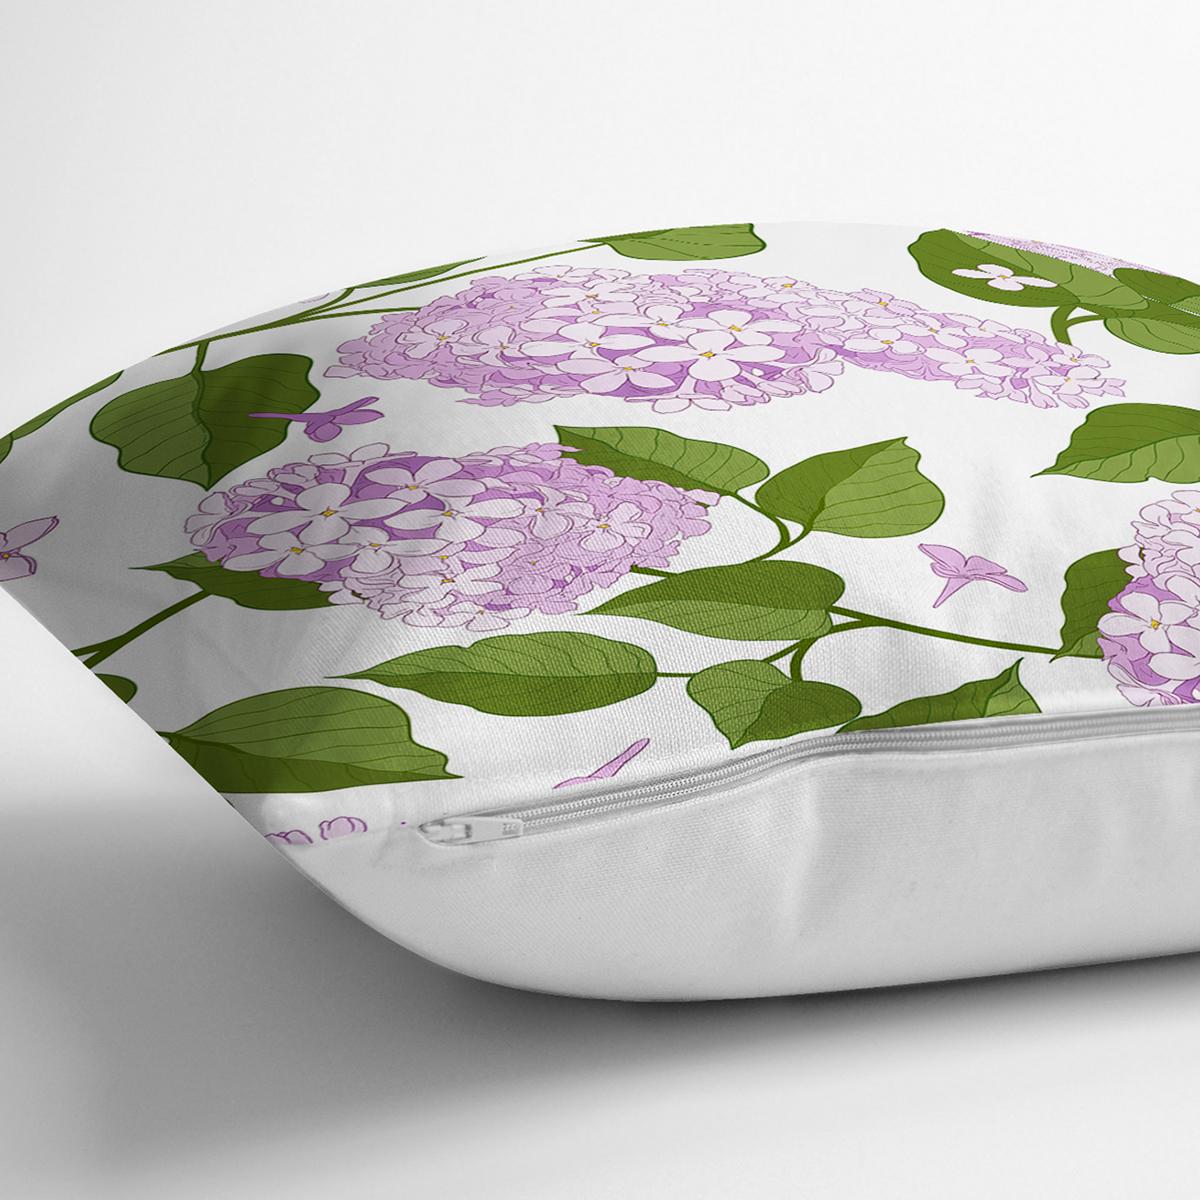 Beyaz Zemin Üzerinde Yeşil Yapraklı Çiçek Desenli Modern Yastık Kırlent Kılıfı Realhomes